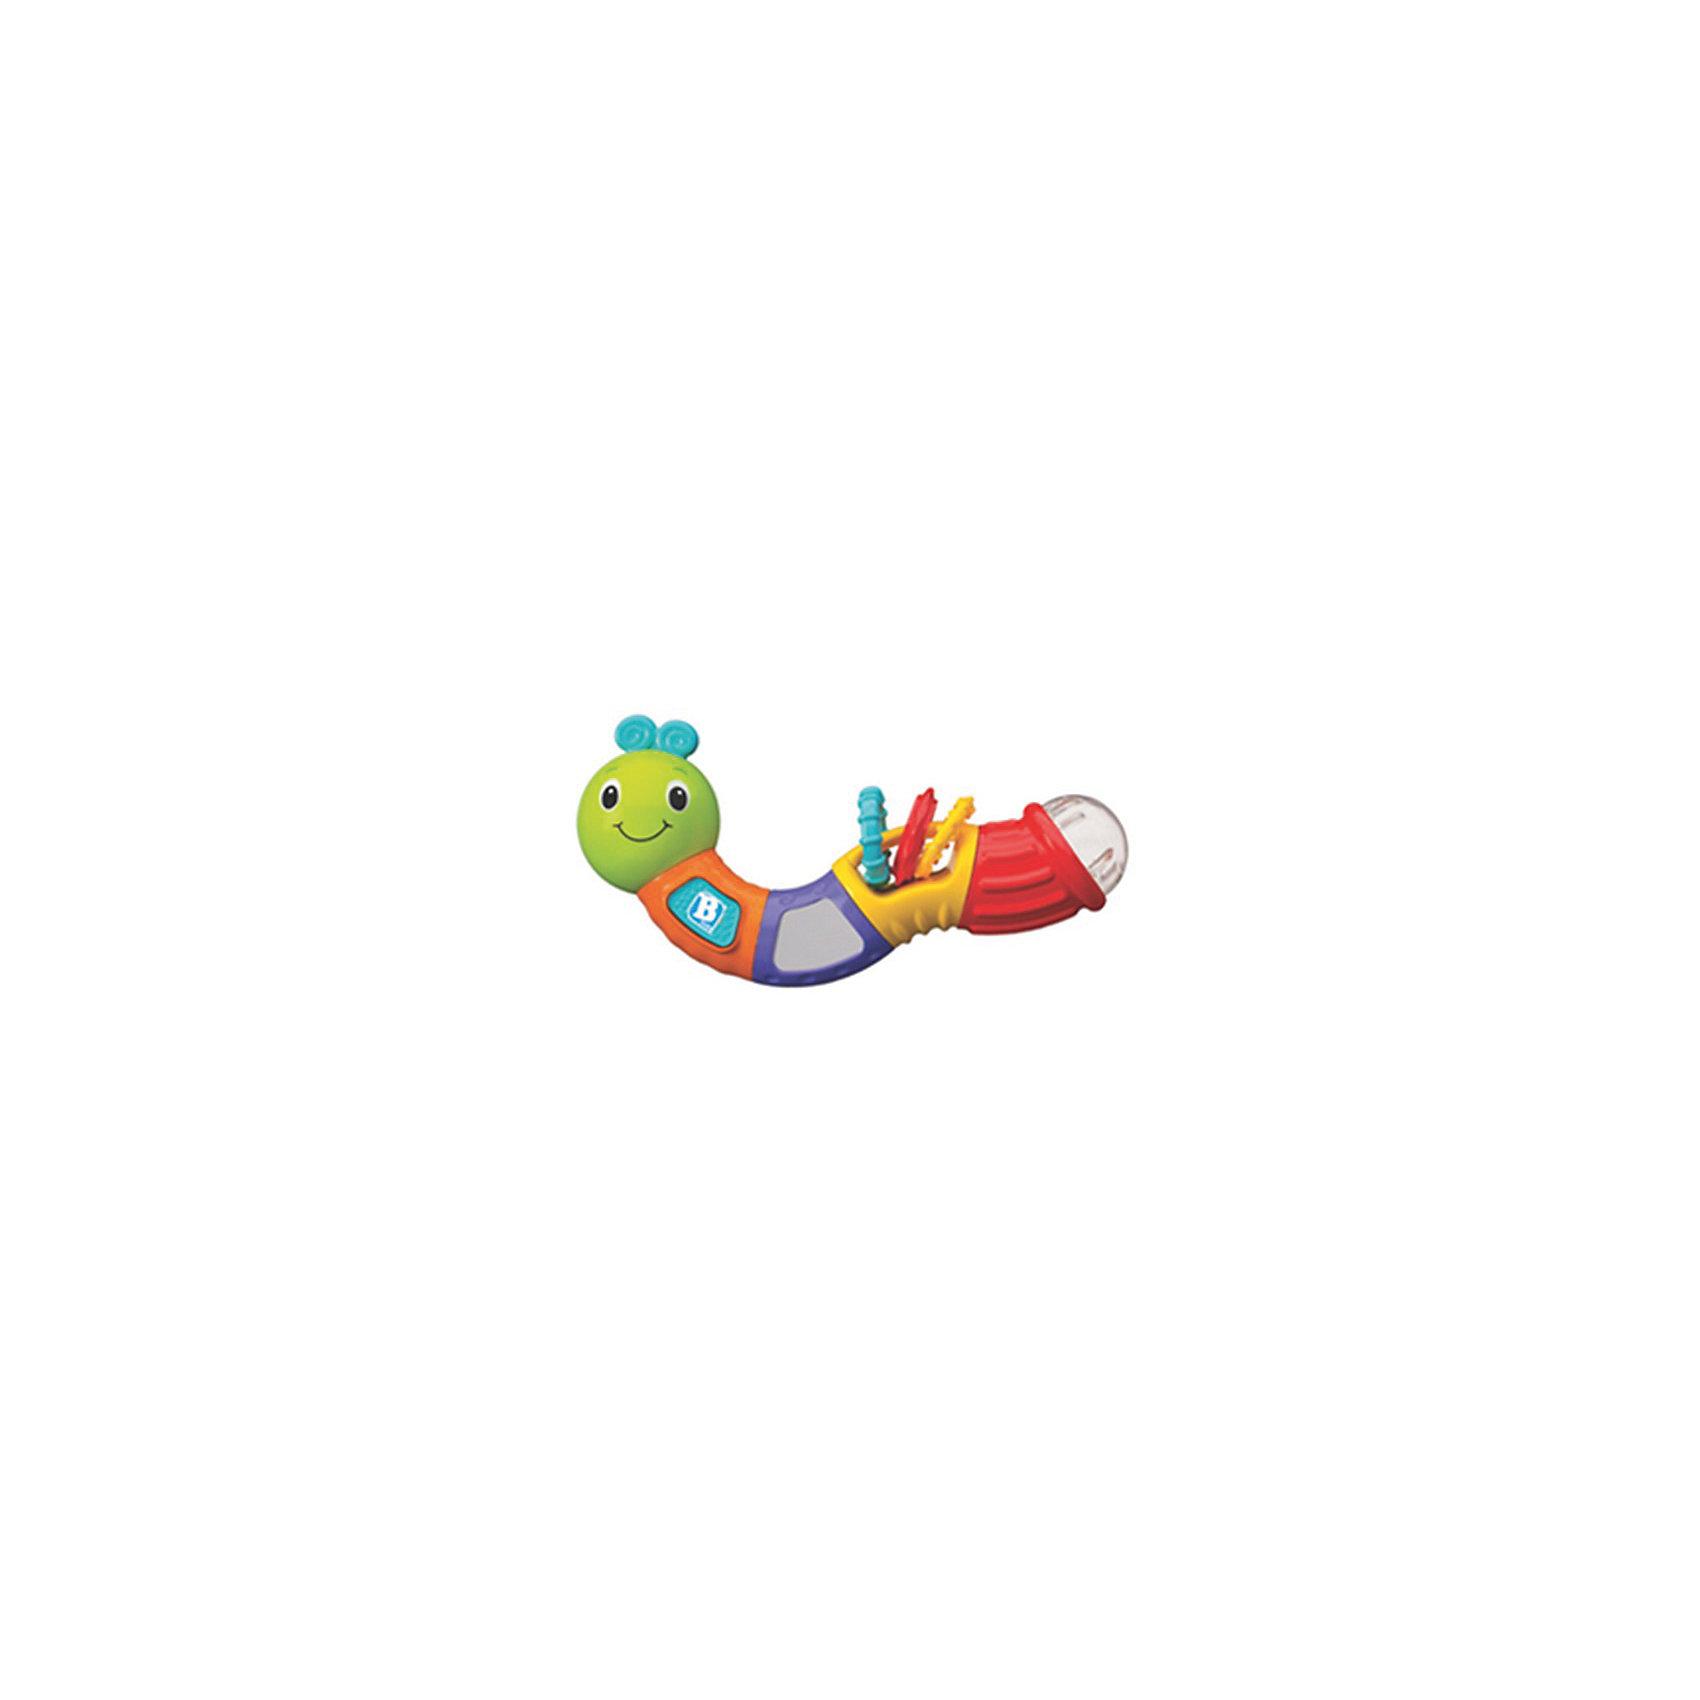 Игрушка Веселая гусеничка, BKidsРазвивающие игрушки<br>Развивать способности ребенка можно с самого раннего возраста. Делая это в игре, малыш всесторонне изучает мир и осваивает новые навыки. Эта игрушка представляет собой погремушку в виде гусеницы с прорезывателем и звуковыми эффектами. <br>Такие игрушки способствуют развитию мелкой моторики, воображения, цвето- и звуковосприятия, тактильных ощущений и обучению. Изделие разработано специально для самых маленьких. Сделано из материалов, безопасных для детей.<br><br>Дополнительная информация:<br><br>цвет: разноцветный;<br>с прорезывателями;<br>возраст: с 3 мес.<br><br>Игрушку Веселая гусеничка от бренда BKids можно купить в нашем интернет-магазине.<br><br>Ширина мм: 65<br>Глубина мм: 65<br>Высота мм: 210<br>Вес г: 300<br>Возраст от месяцев: 3<br>Возраст до месяцев: 36<br>Пол: Унисекс<br>Возраст: Детский<br>SKU: 5055400